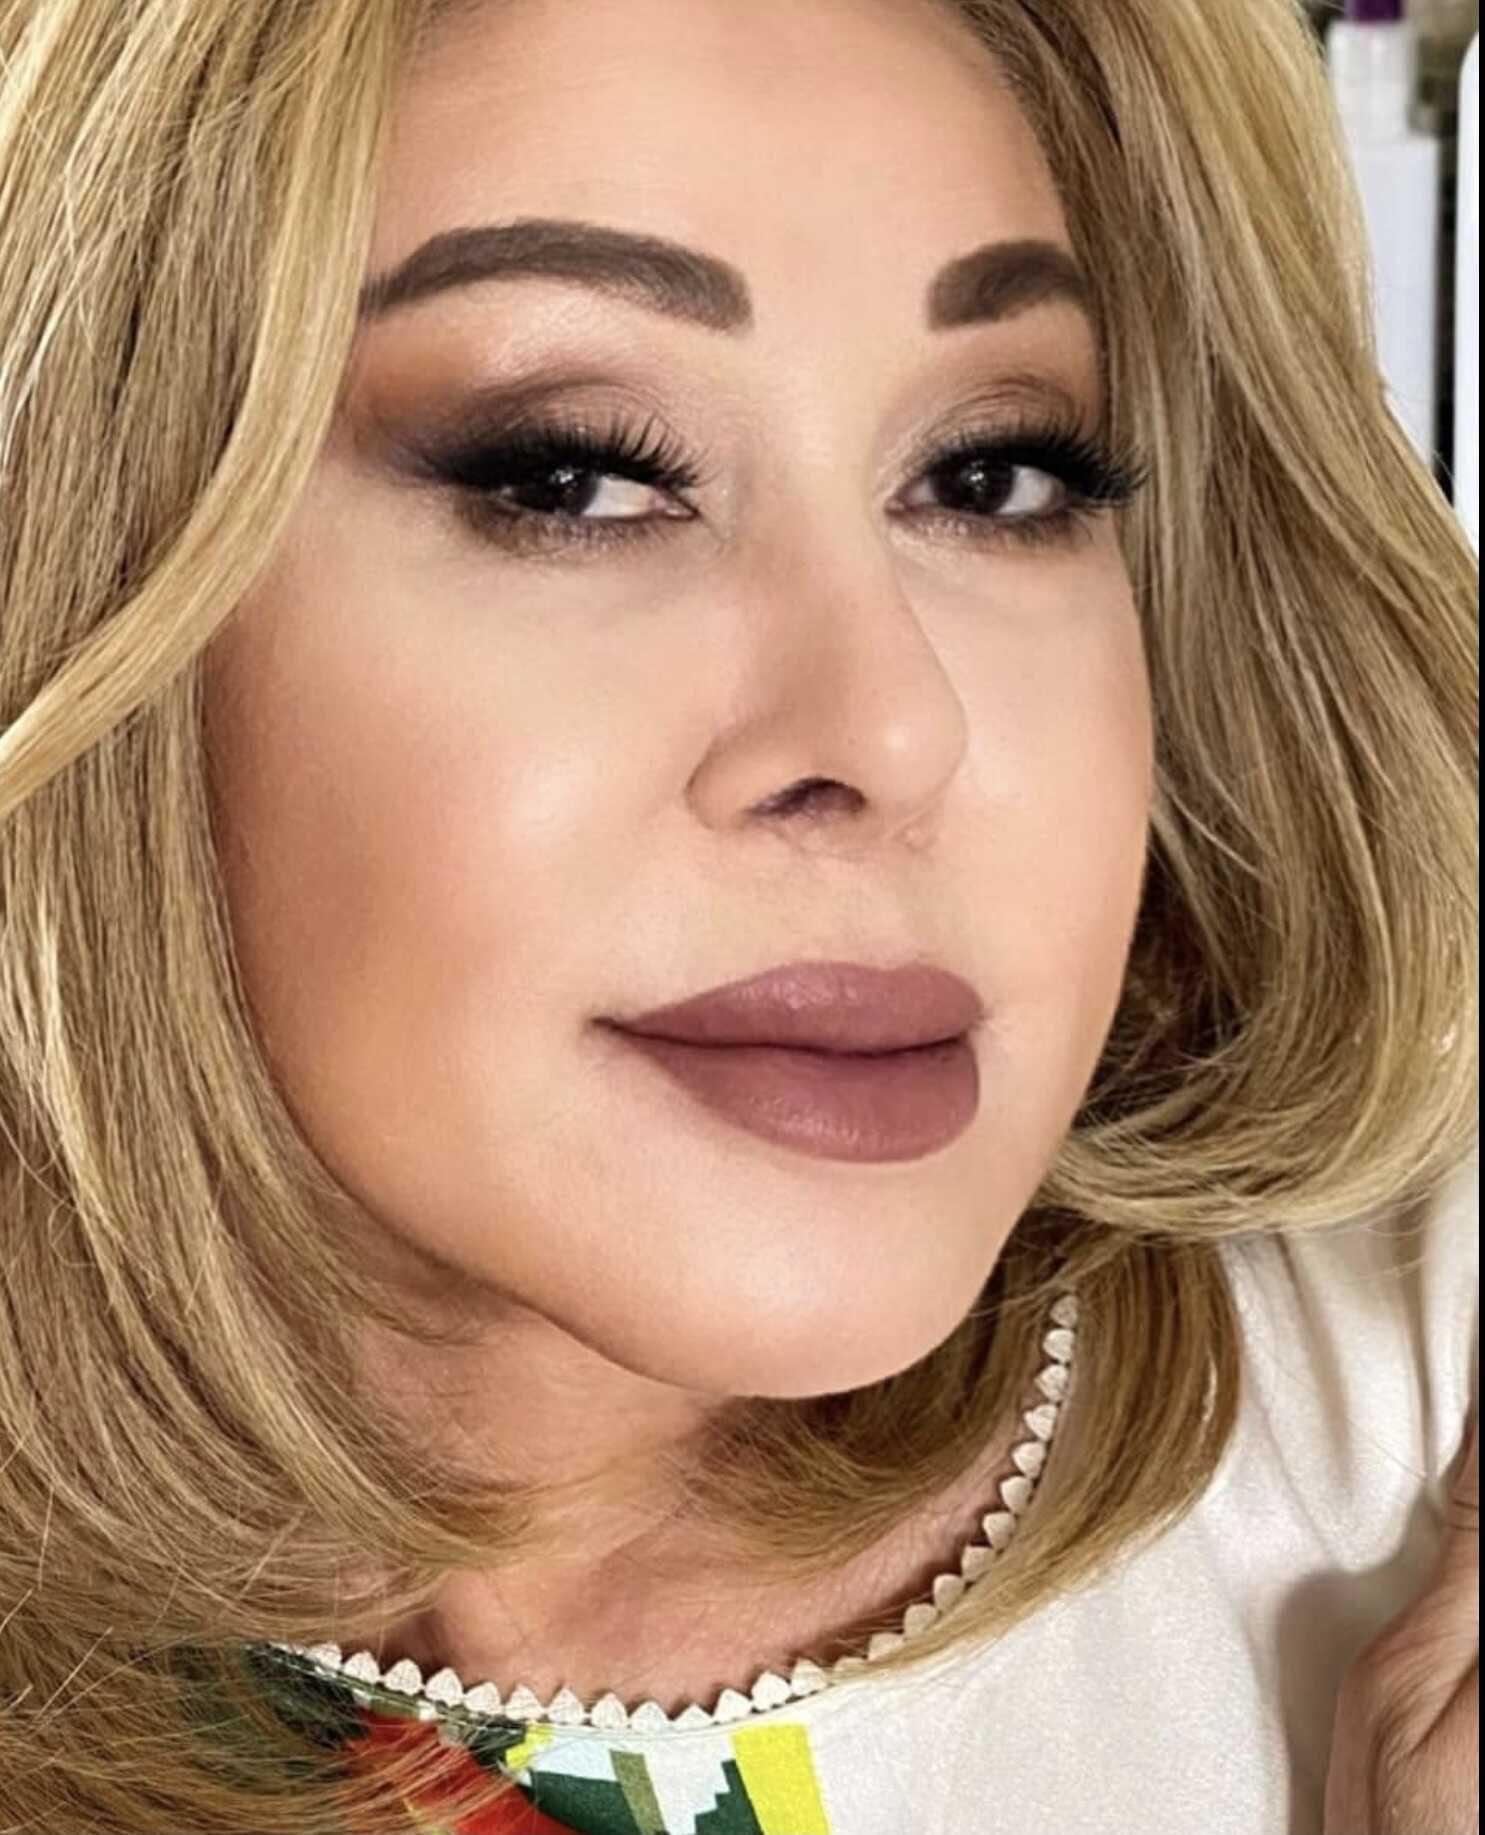 «Что за пучки волос торчат из носа?!»: Любовь Успенская неудачно сменила стилиста, или же фильтр?